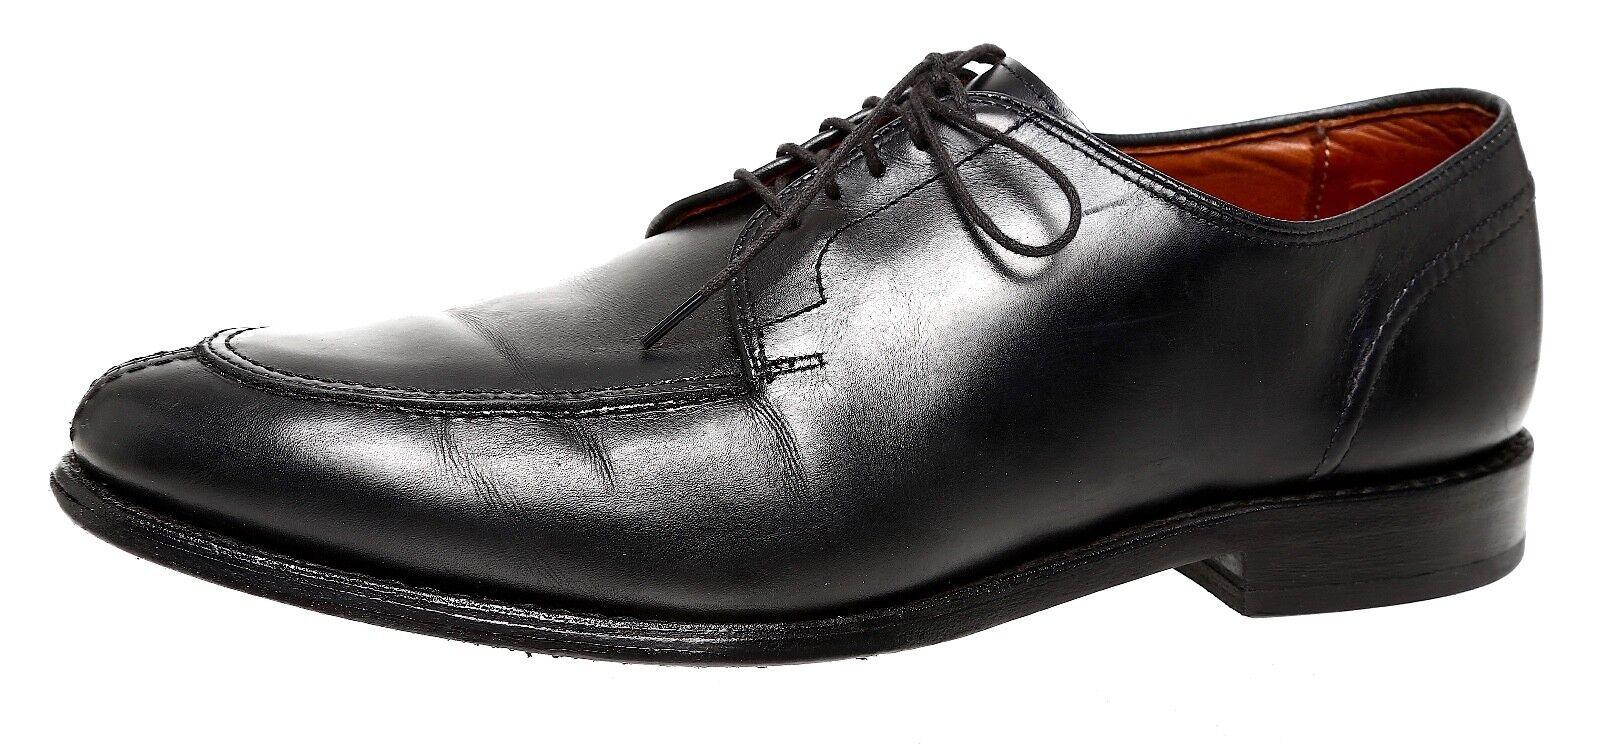 Allen Edmonds Lasalle Leather Oxfords Black Men Sz 9.5 D 4054